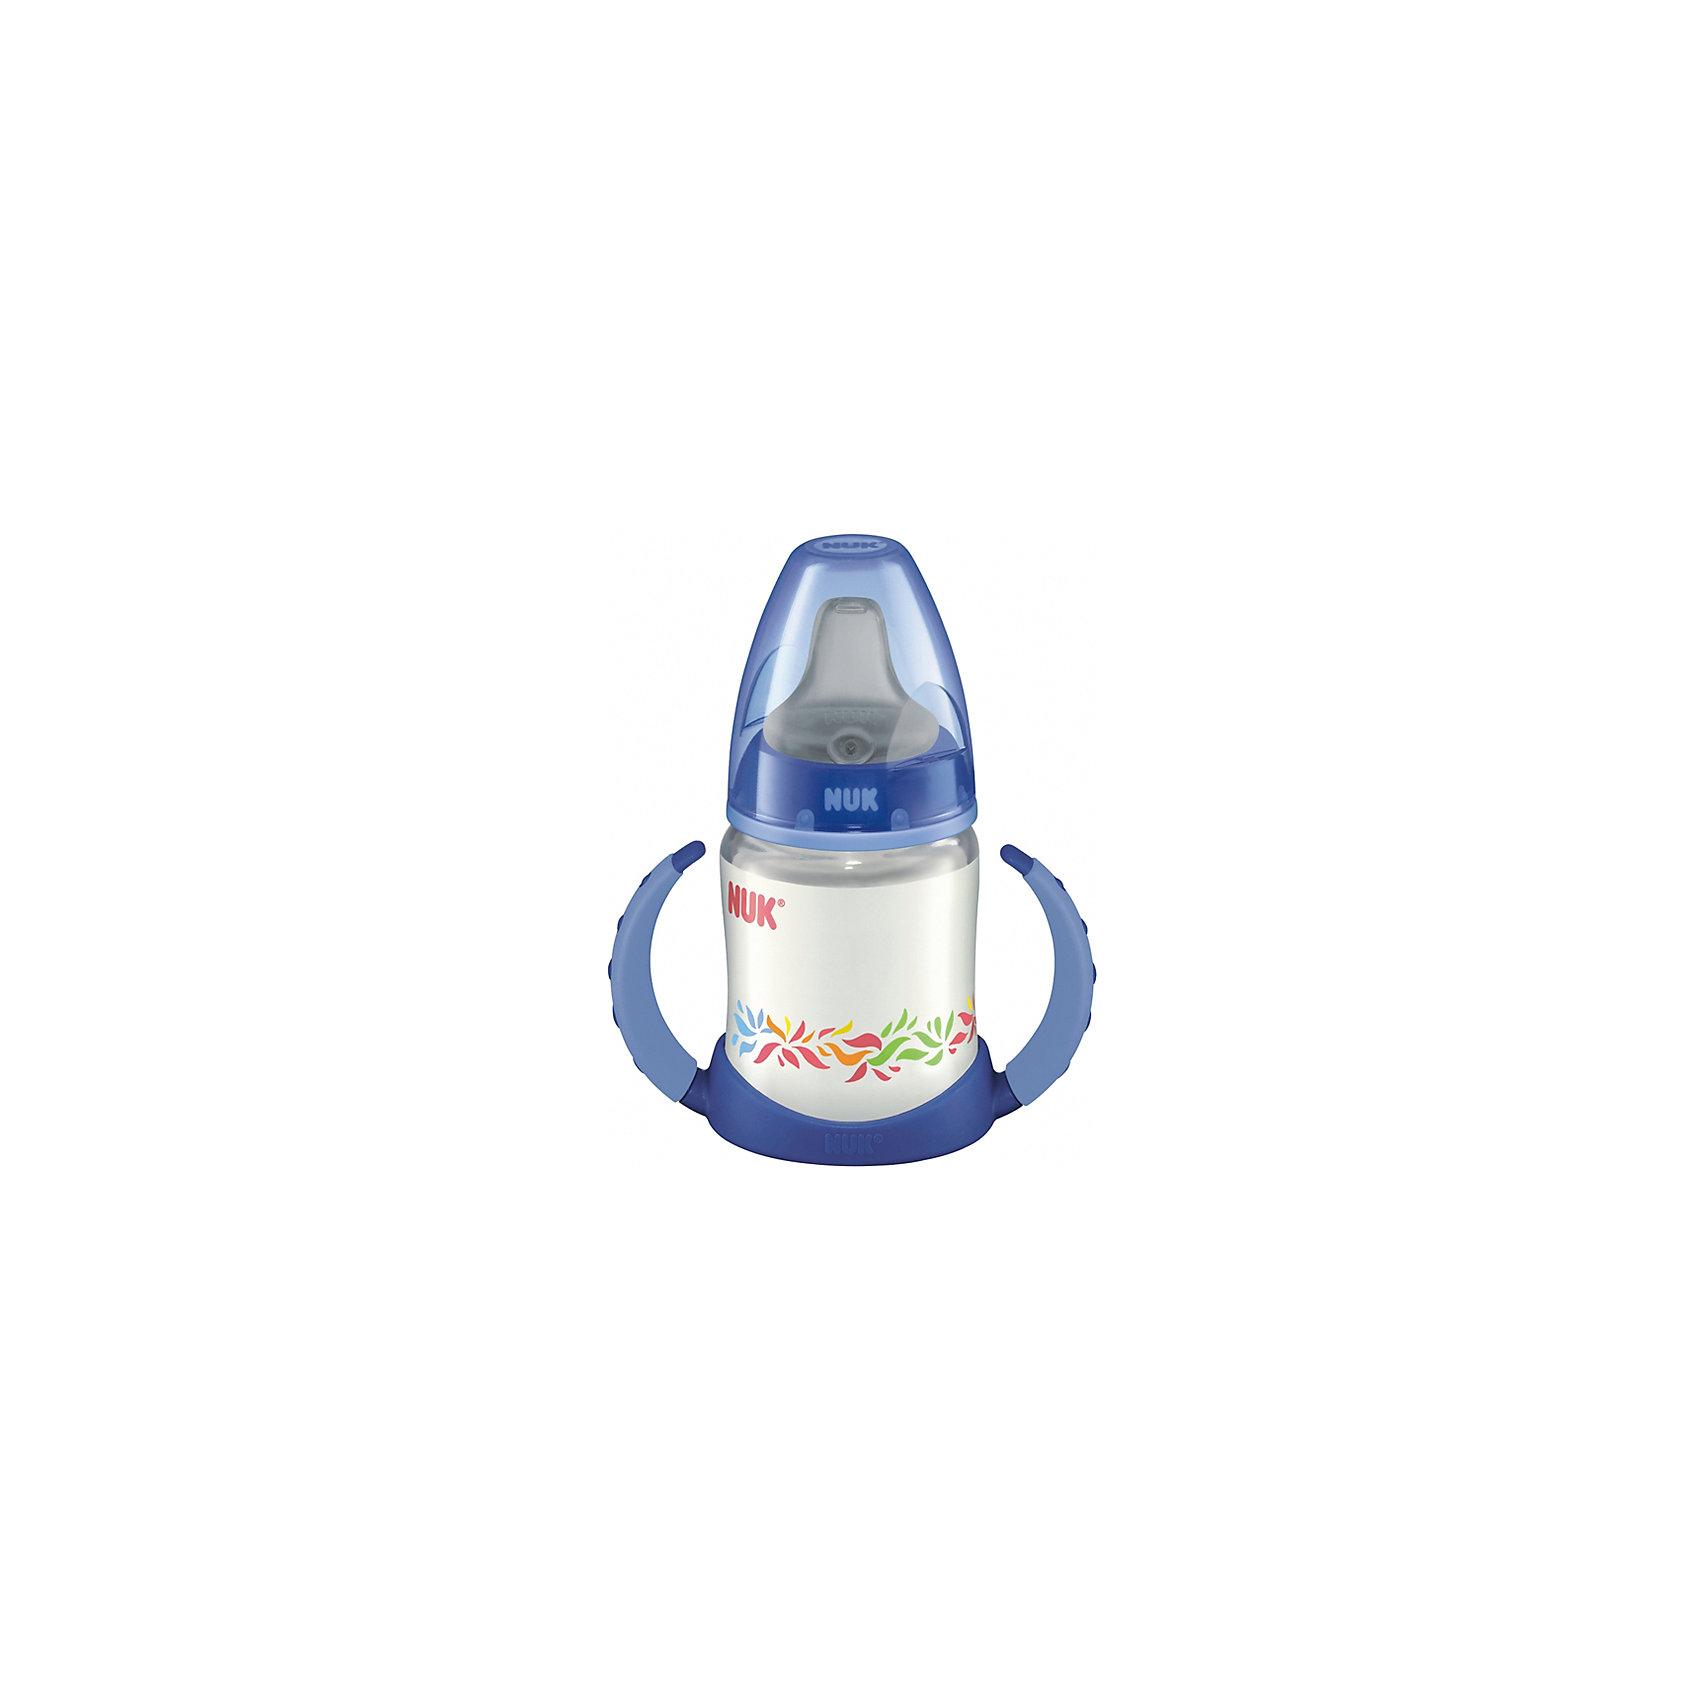 Бутылочка First Choice-поильник, 150 мл., NUK, синий110 - 180 мл.<br>Характеристики изделия:<br><br>- объем: 150 мл;<br>- цвет: синий;<br>- материал: силикон, пластик;<br>- широкое горло;<br>- нескользящие ручки эргономичной формы;<br>- система NUK Air System;<br>- возраст: 6-18 месяцев.<br><br>Детские товары существенно облегчают жизнь молодым мамам. Существует множество полезных в период материнства вещей. К таким относится обыкновенная пластиковая бутылочка-поильник. <br>Данная модель оптимально подходит для детей, которых приучают есть самостоятельно. Мягкий материал соски подойдет для ротовой полости ребенка. Предмет удобно держать. Бутылочка легко очищается от любых поверхностных загрязнений, так как имеет удобное широкое горлышко. Оптимальный объем позволит использовать бутылочку для малышей от шести месяцев до полутора лет.<br><br>Бутылочку First Choice-поильник от производителя NUK можно купить в нашем магазине.<br><br>Ширина мм: 120<br>Глубина мм: 65<br>Высота мм: 185<br>Вес г: 133<br>Возраст от месяцев: 6<br>Возраст до месяцев: 18<br>Пол: Унисекс<br>Возраст: Детский<br>SKU: 5065240